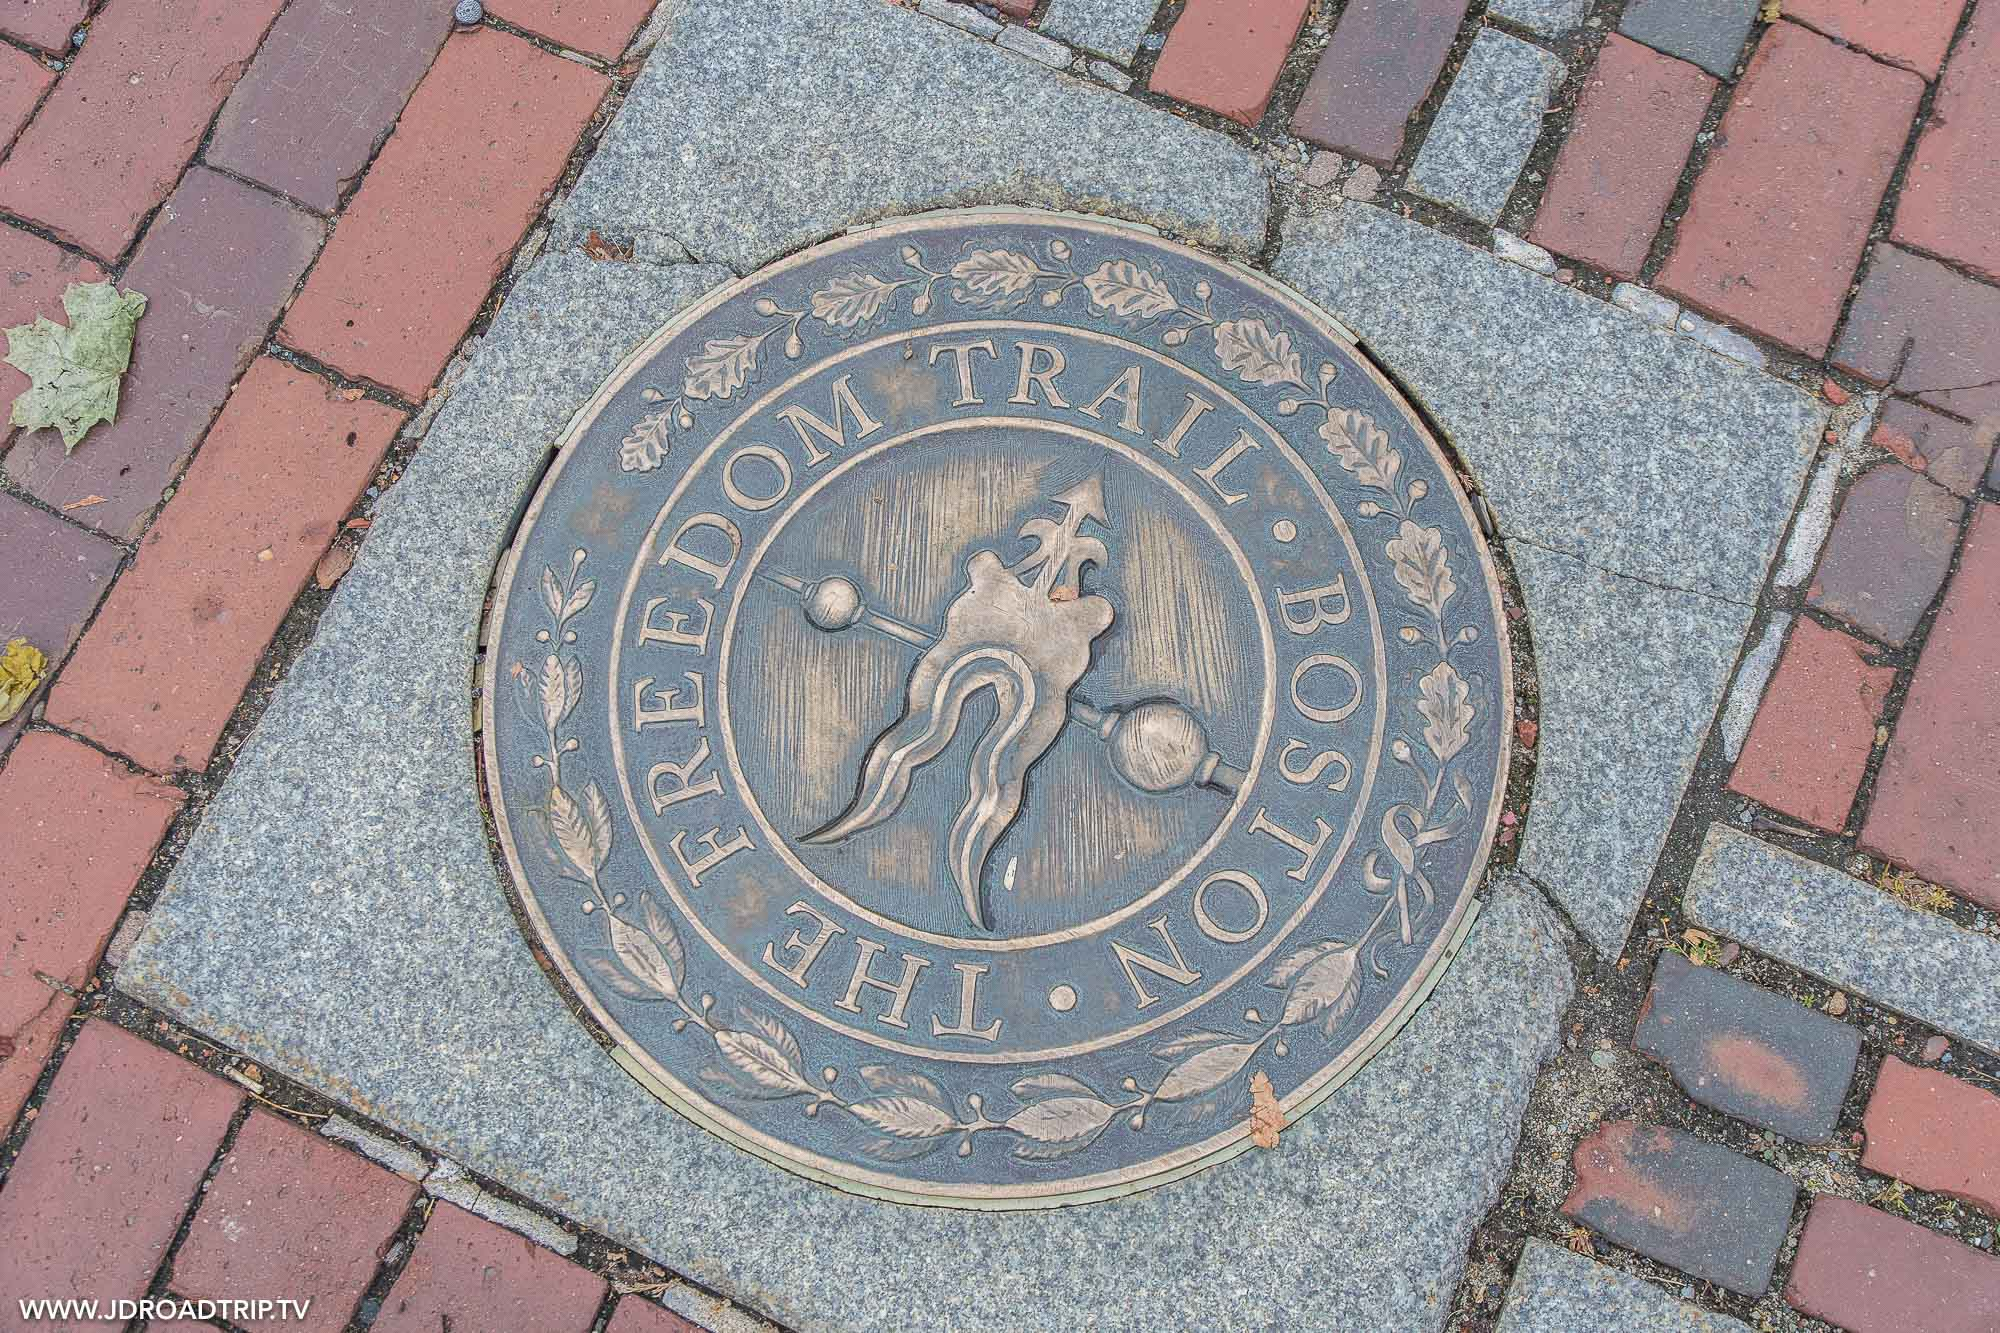 Visiter Boston en 4 jours - Freedom Trail